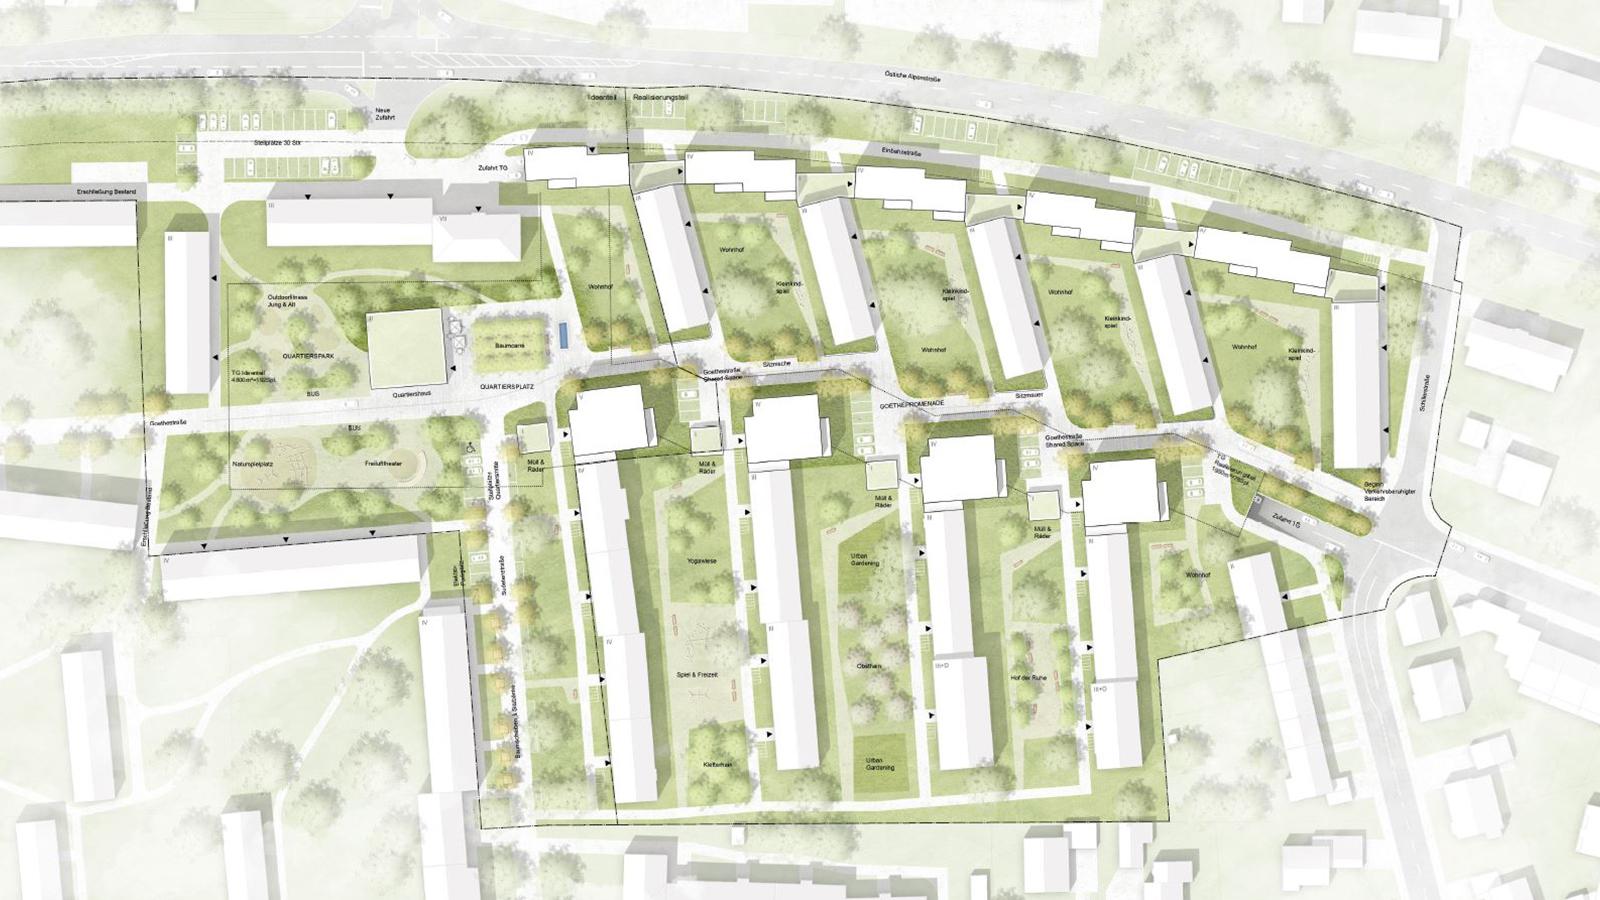 h2m-architekten-wettbewerb-goethequartier-sonthofen-lageplan-laermschutzbebauung